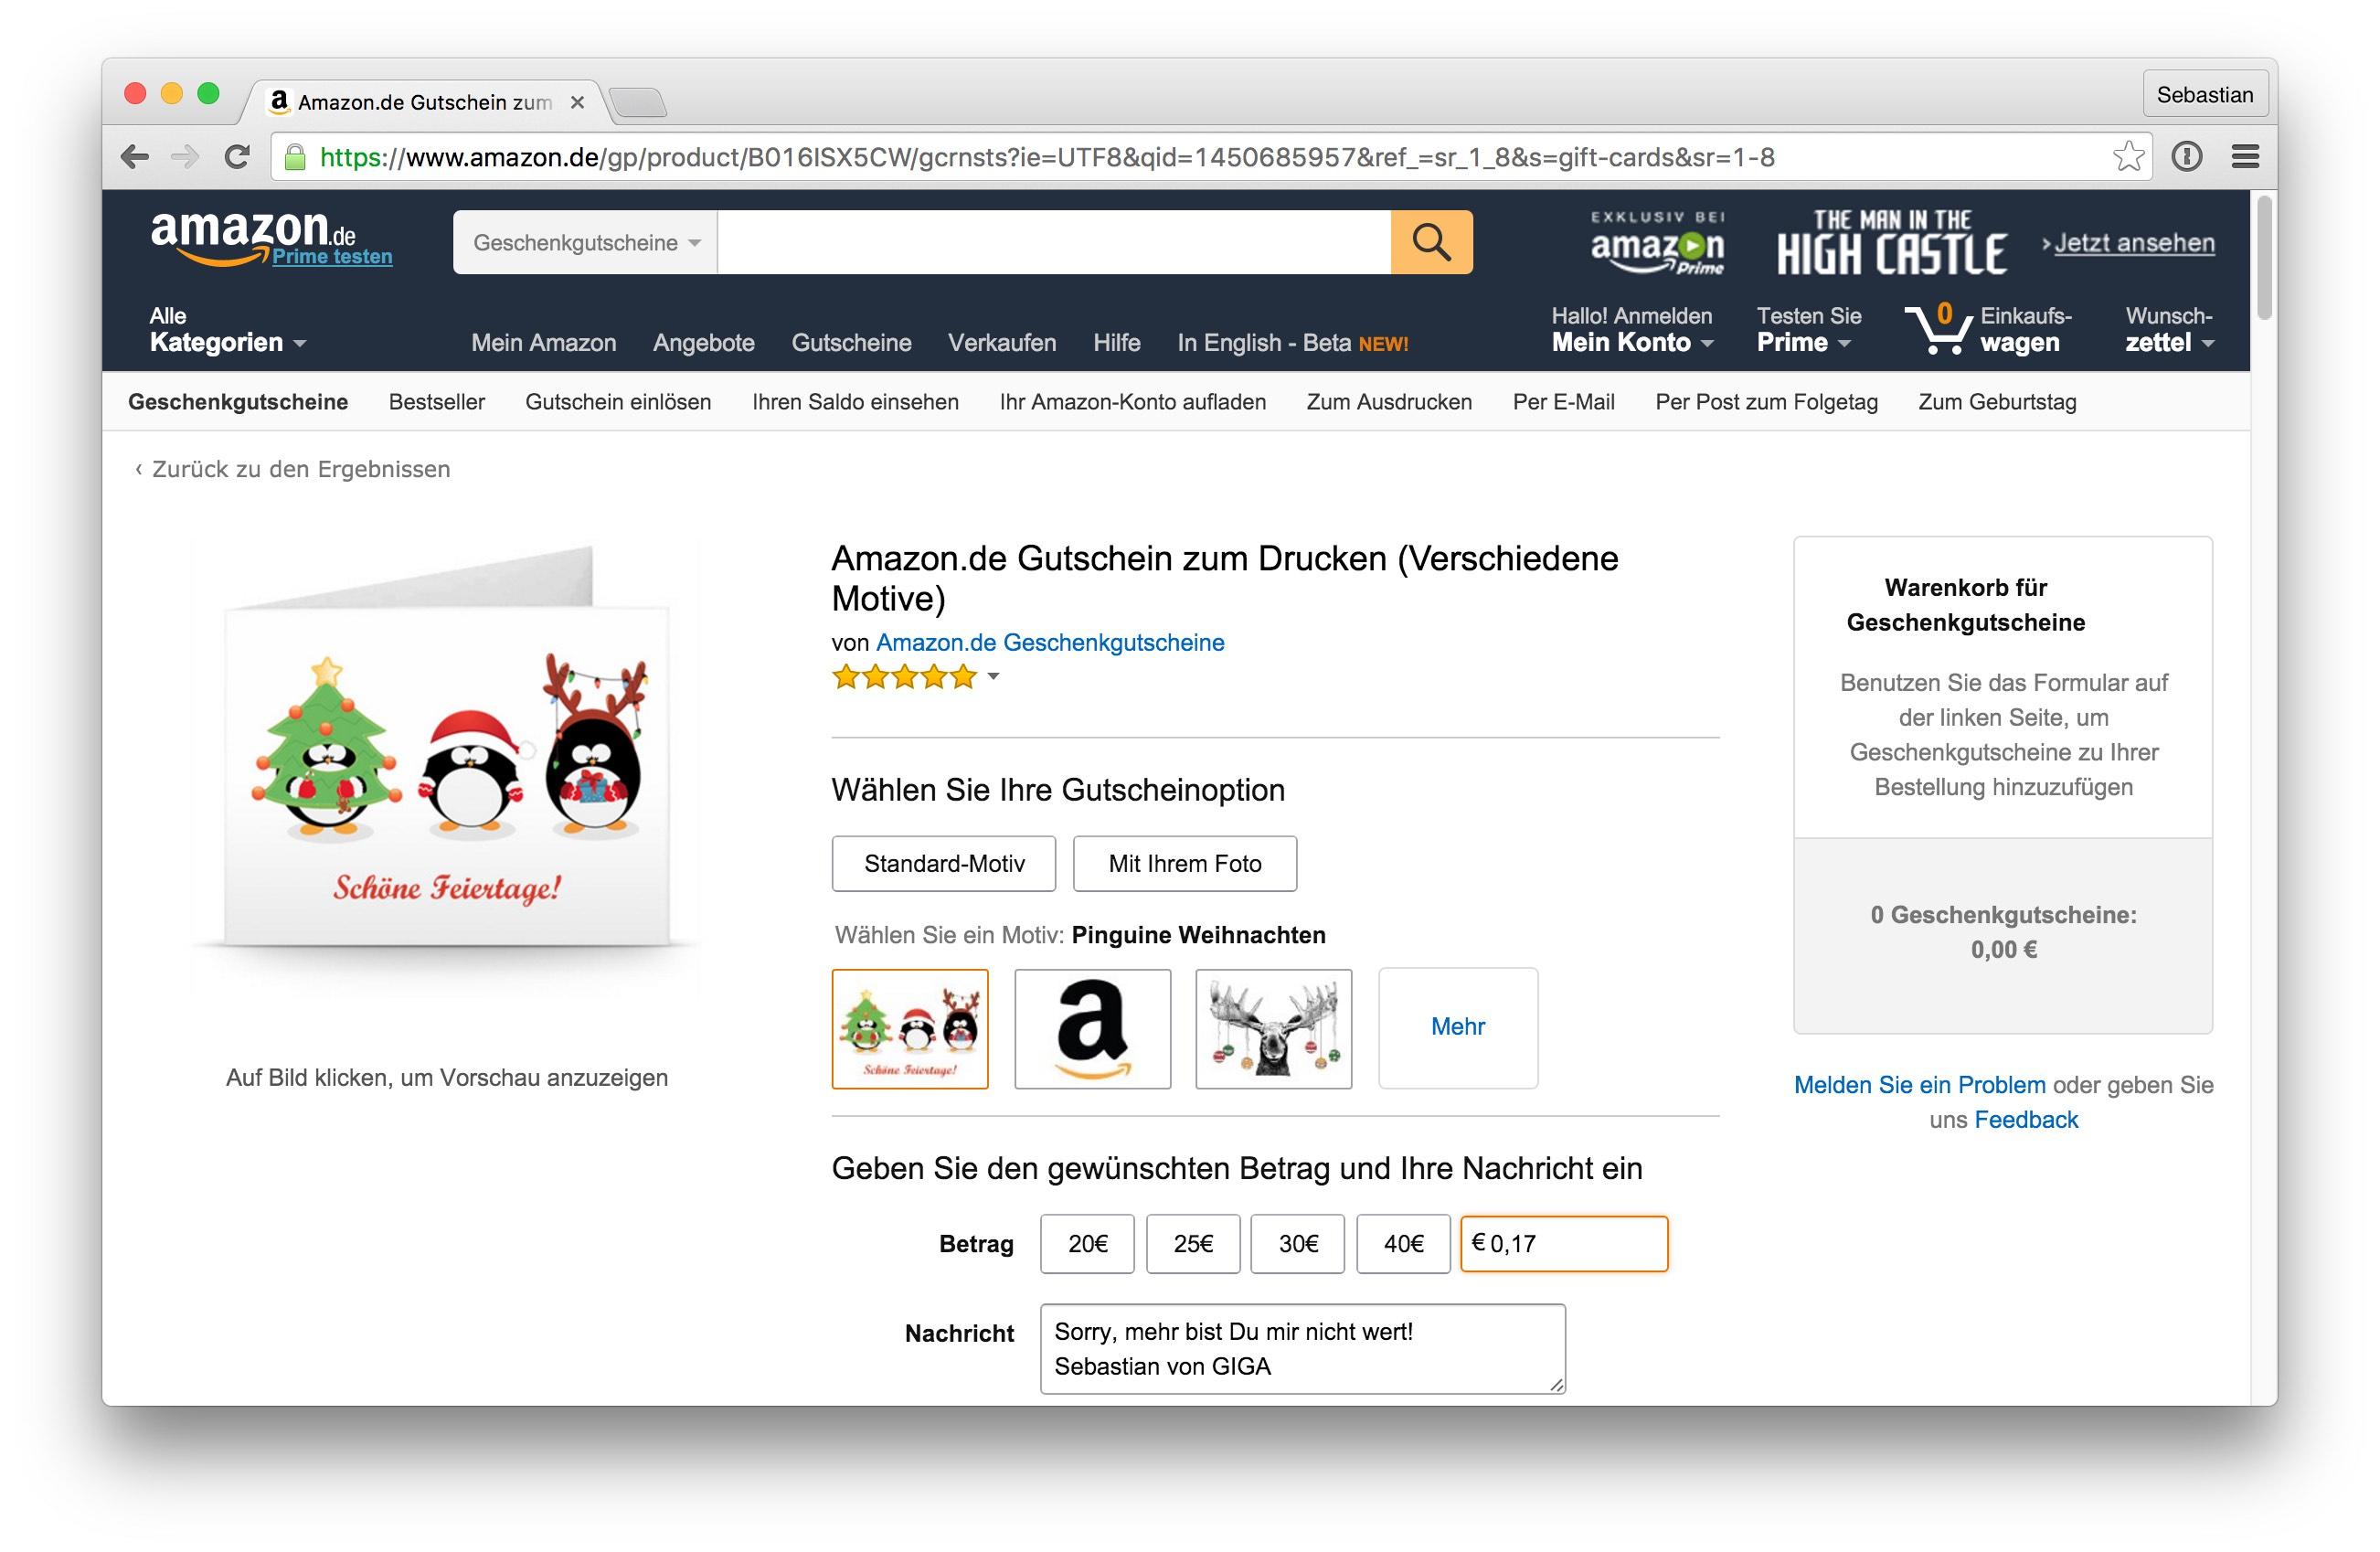 Amazon Gutschein ausdrucken: So funktioniert das Last-Minute-Geschenk